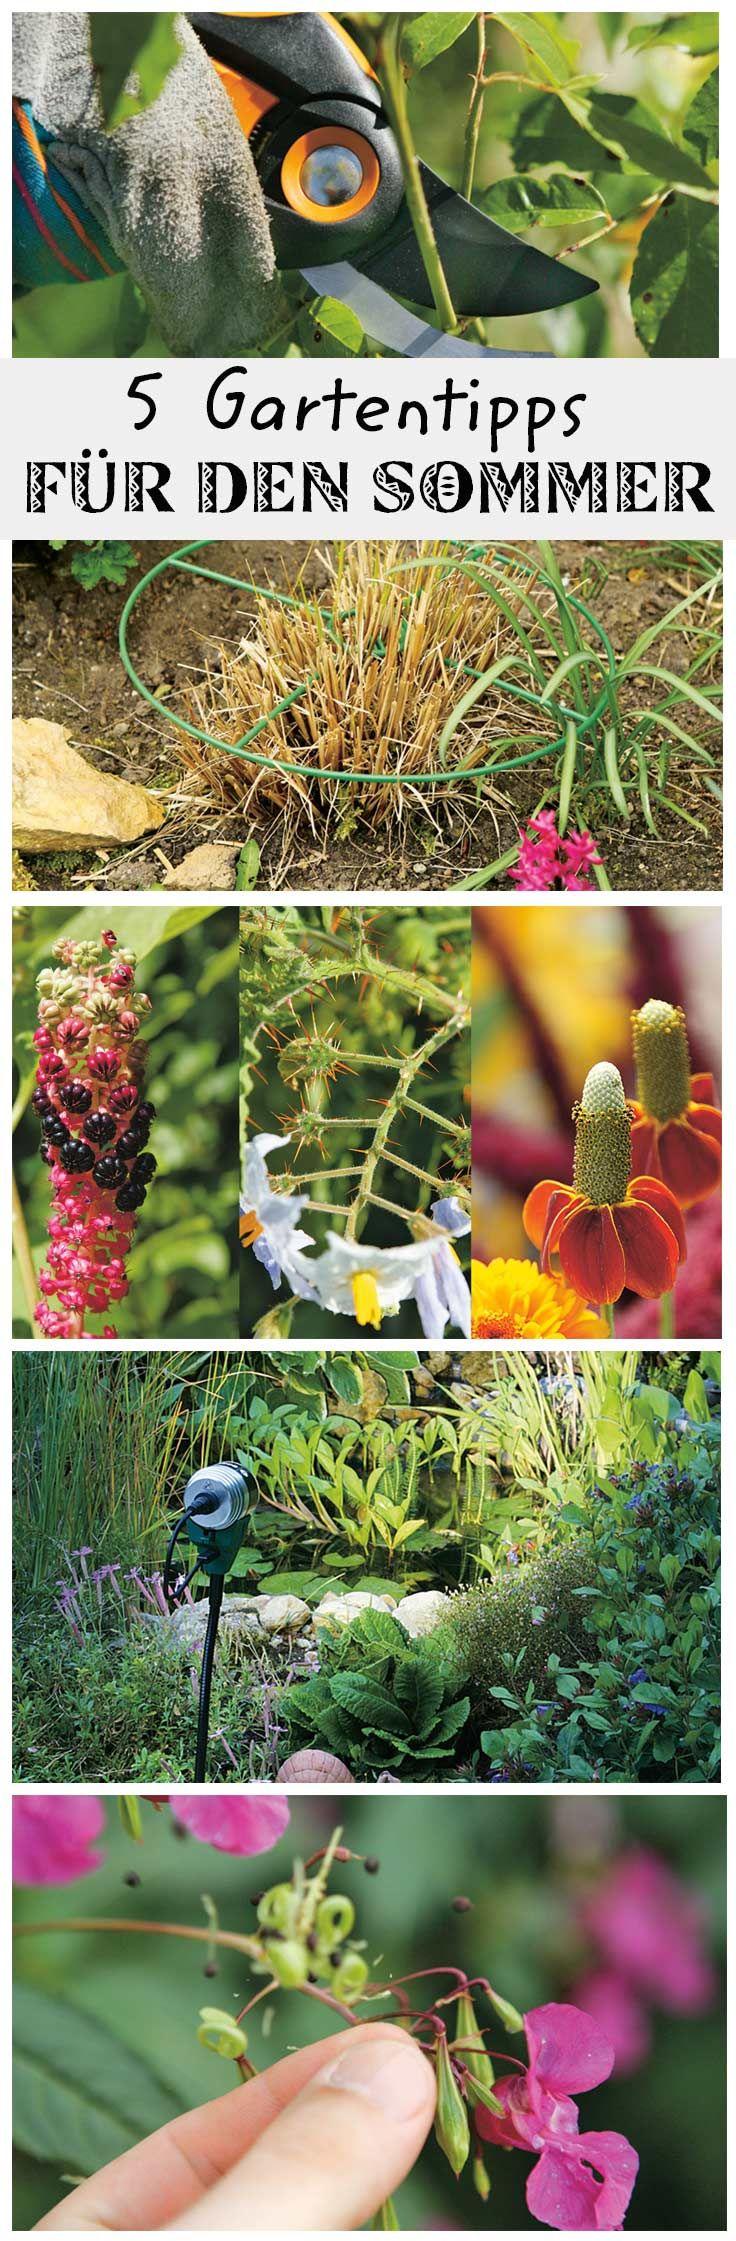 die 25 besten bilder zu gartentipps auf pinterest | schlagzeug, Gartengerate ideen